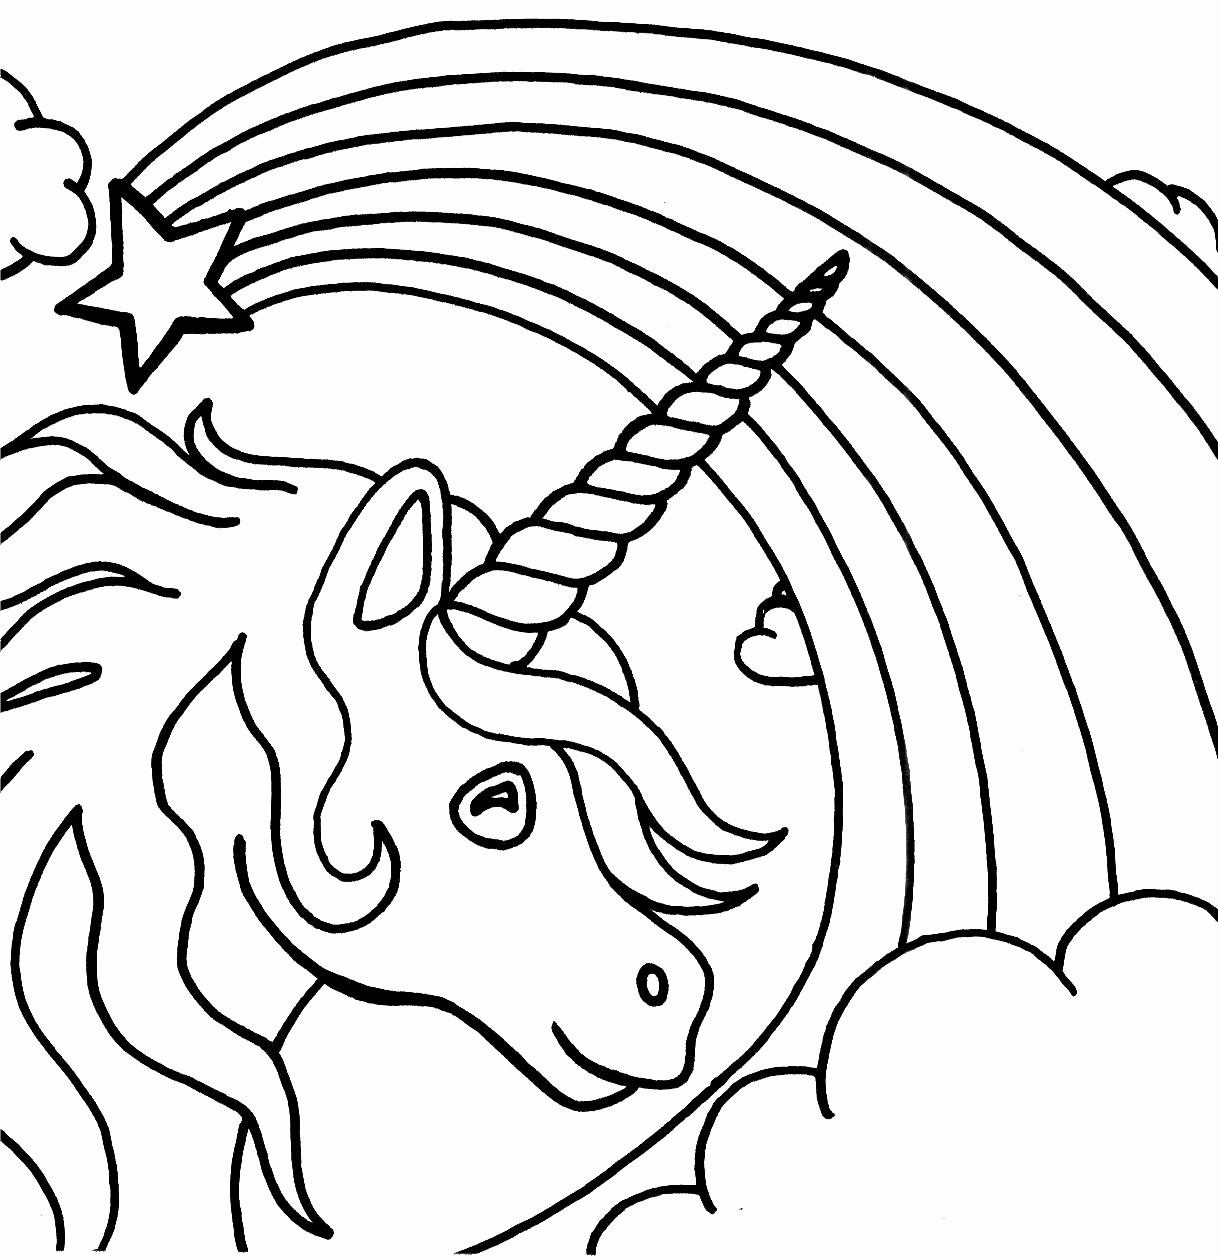 Ausmalbilder Emojis Unicorn Einzigartig Emojis Zum Ausmalen Neueste Modelle 38 Malvorlagen Tiger Fotos